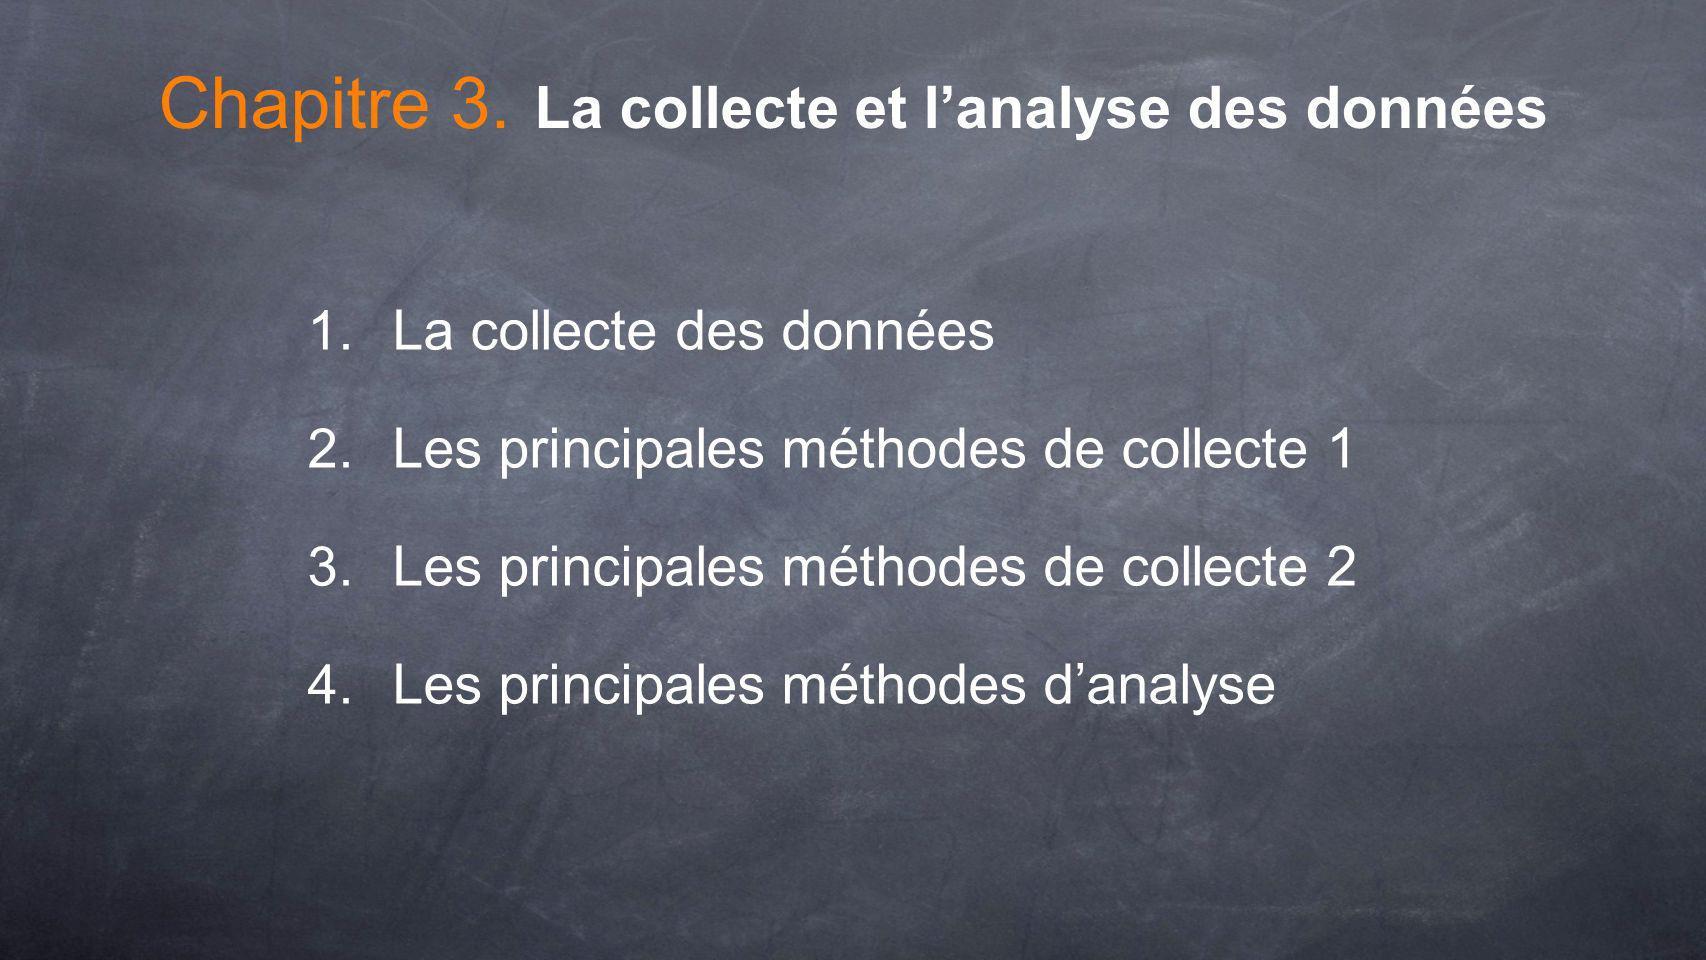 1. La collecte des données 2. Les principales méthodes de collecte 1 3. Les principales méthodes de collecte 2 4. Les principales méthodes danalyse Ch